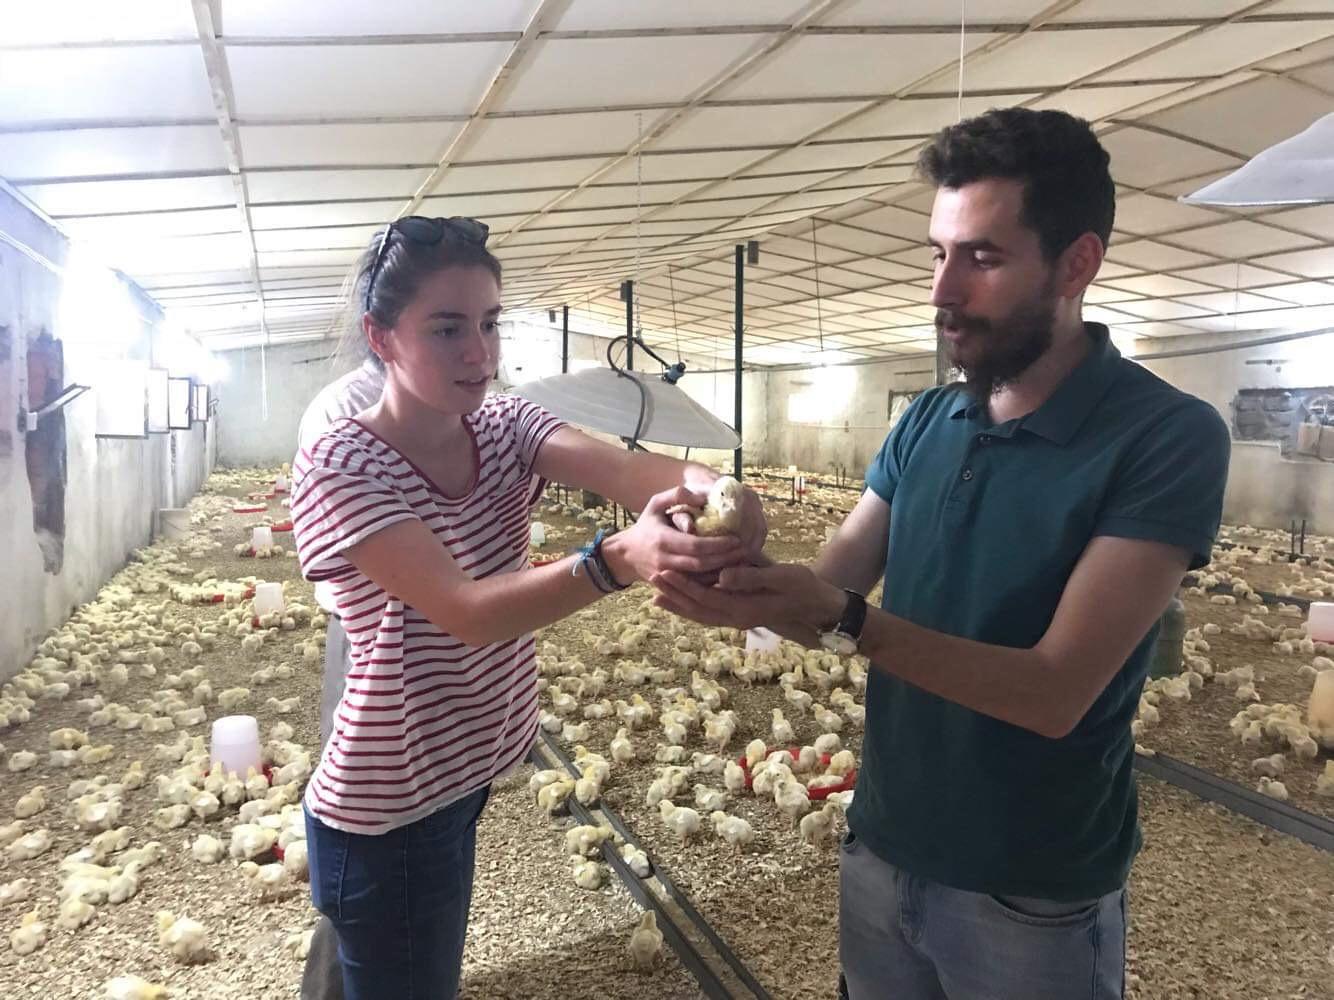 Témoignage de Cécile, volontaire de retour après une mission d'un an en Irak